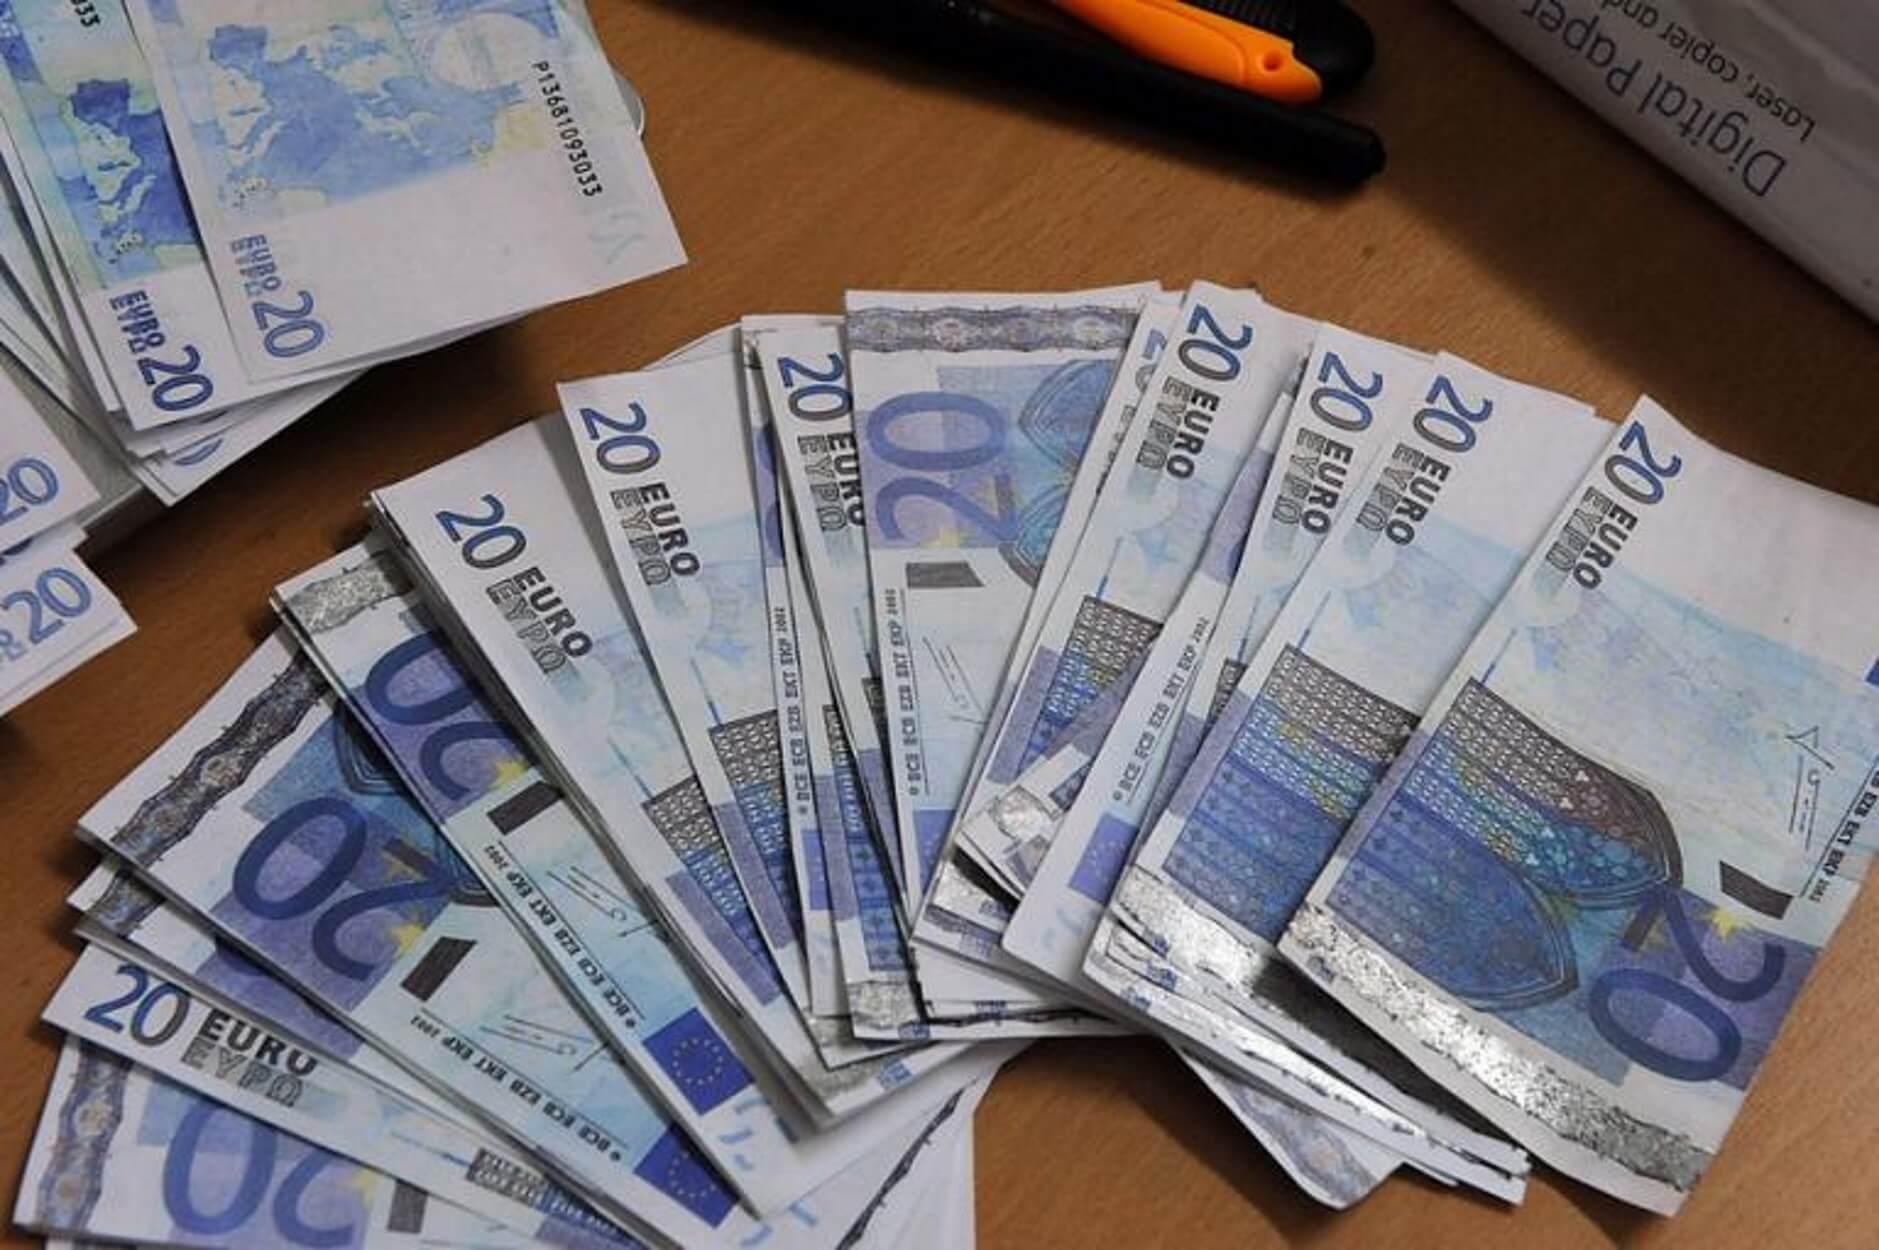 Επιπλέον φόρο 800 ευρώ καλείται να πληρώσει ένας στους τρεις φορολογούμενους